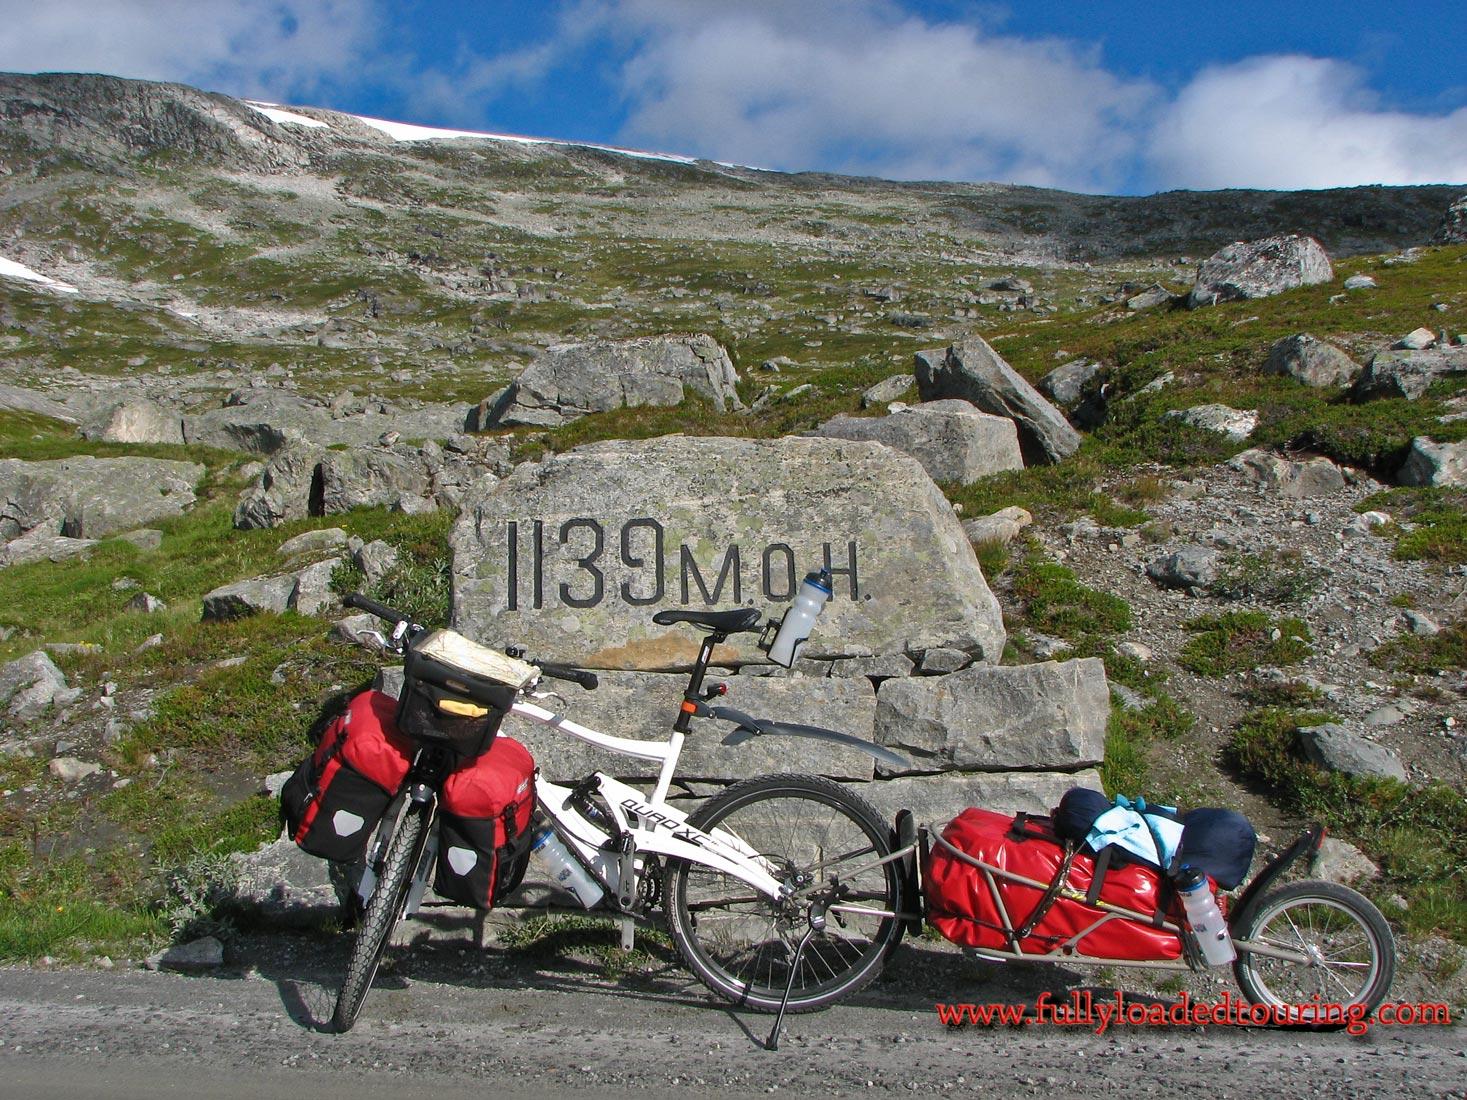 360    Poul - Touring Norway - Marin Mount Vision touring bike